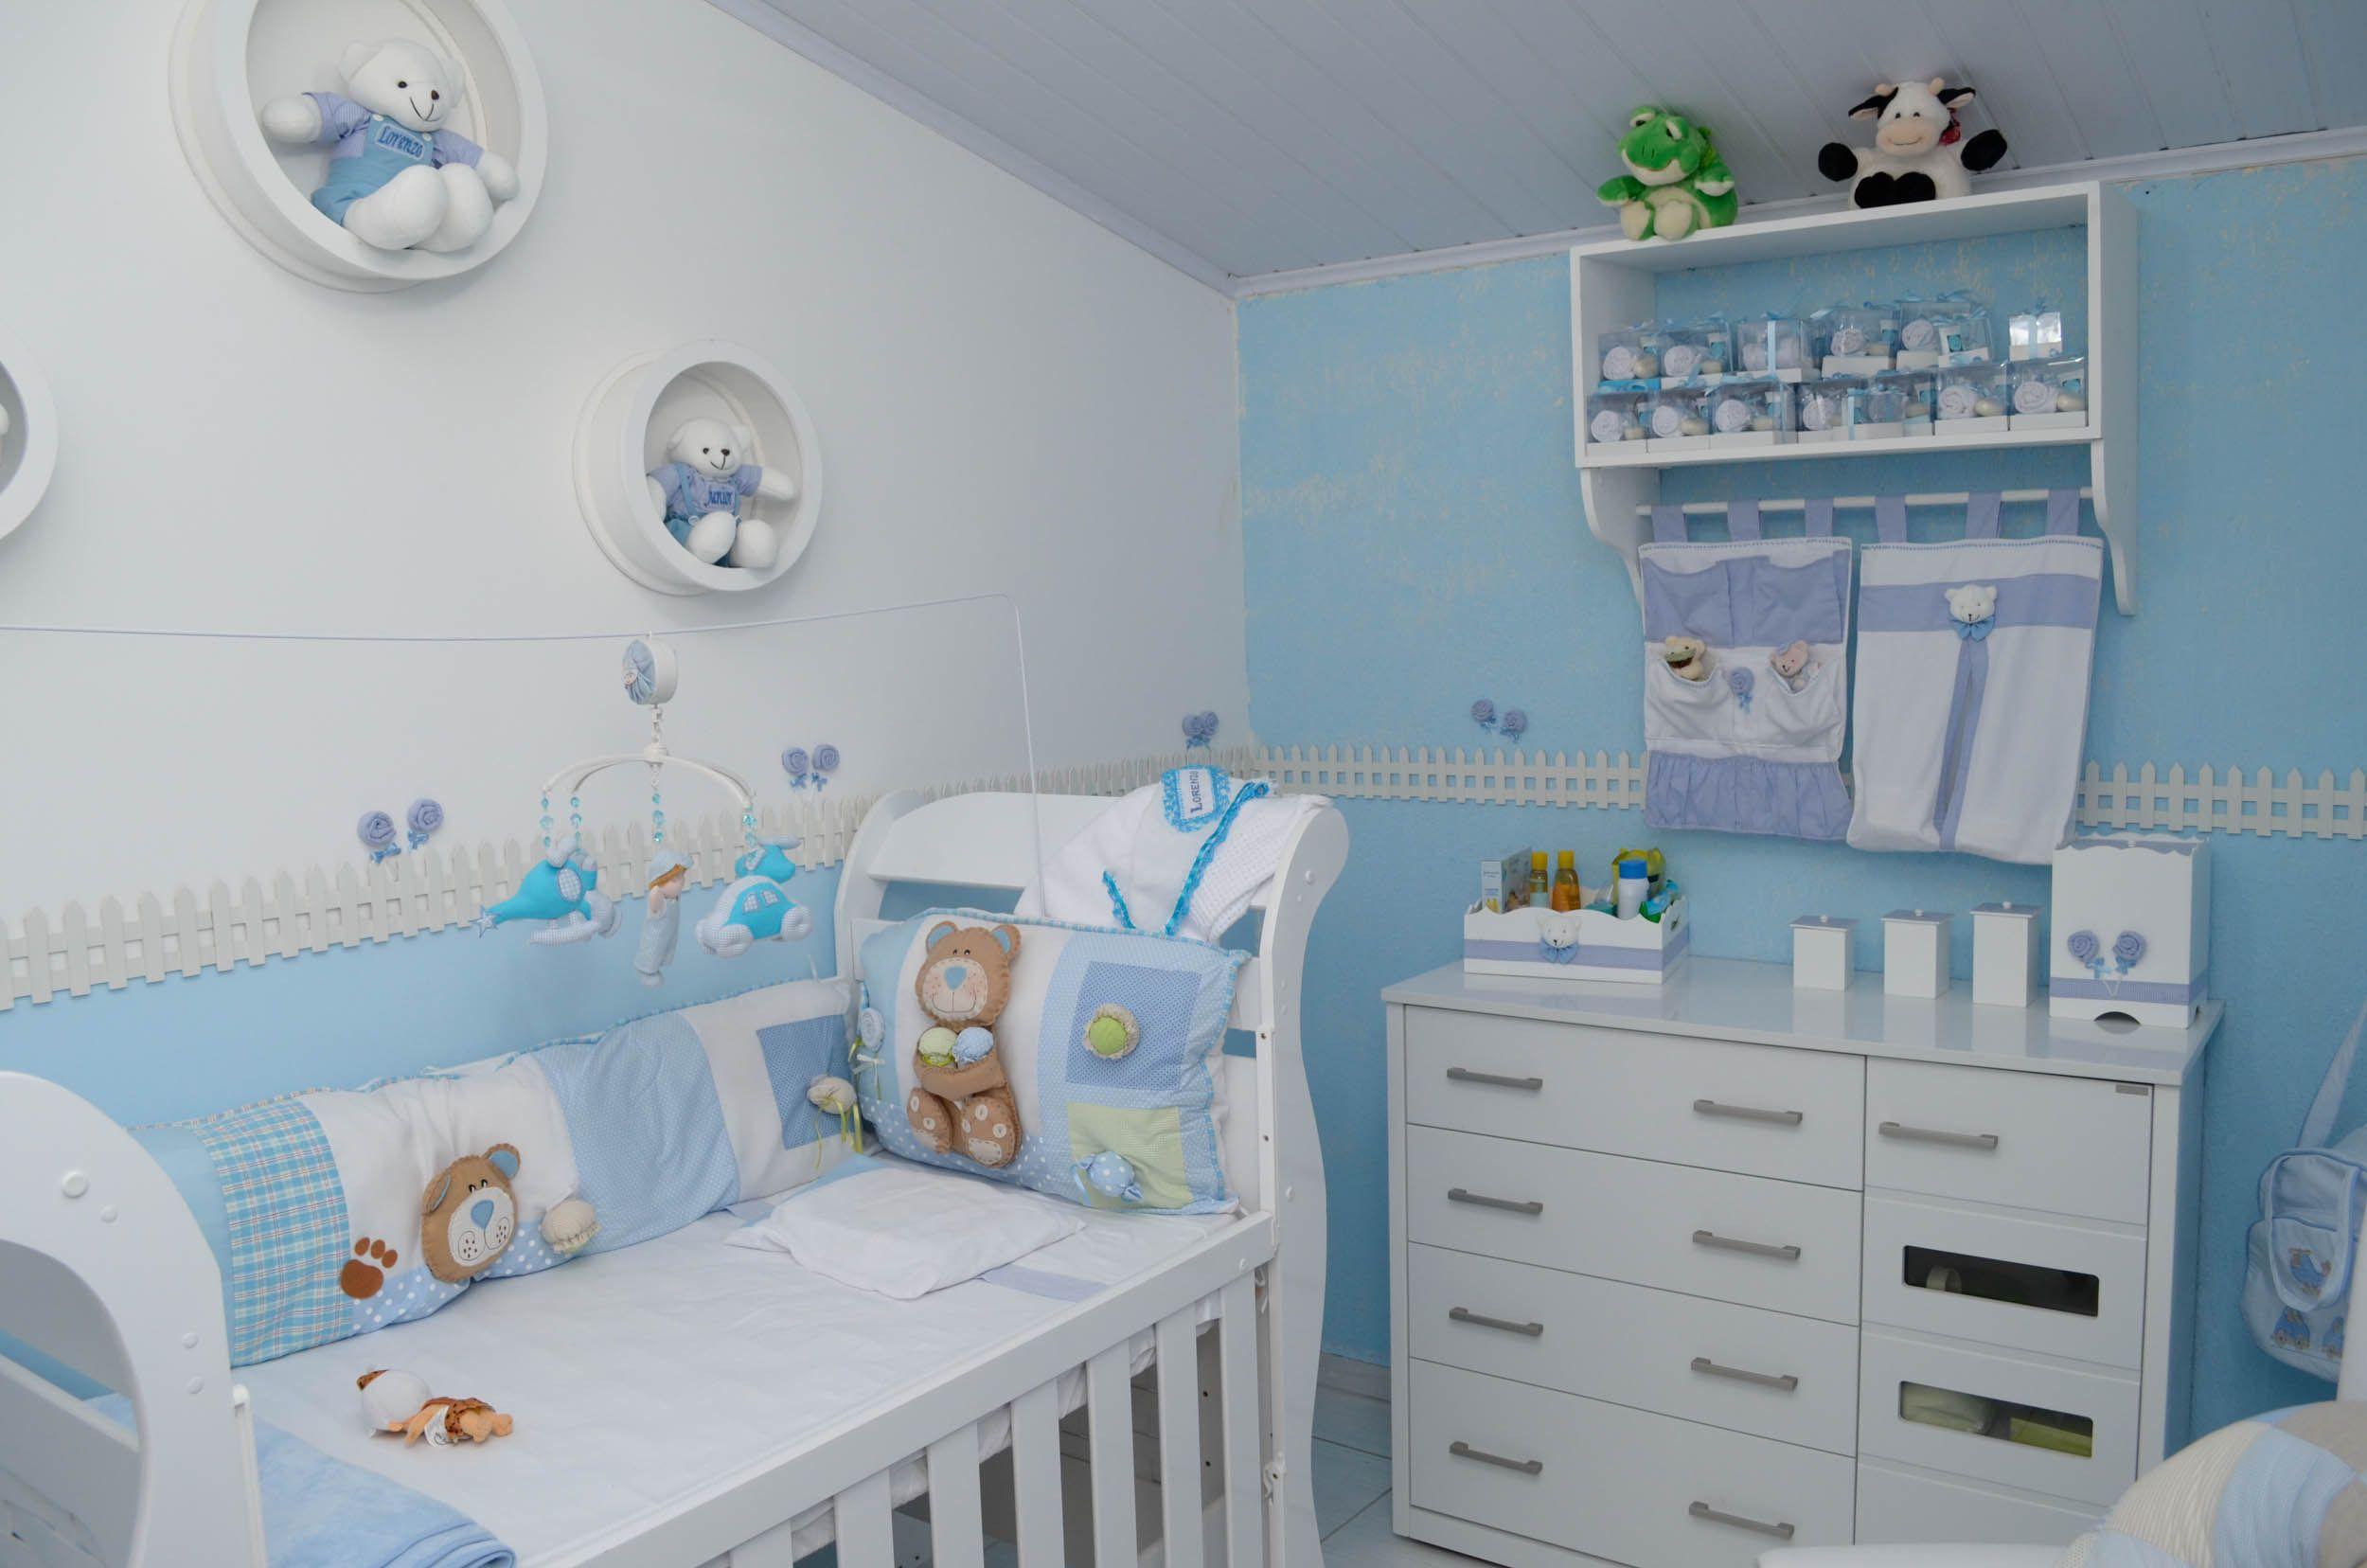 Ideias de Decoraç u00e3o para Quarto de Beb u00ea Masculino BABY Decoraç u00e3o quarto bebe masculino  -> Decoração De Quarto De Bebe Pequeno Masculino